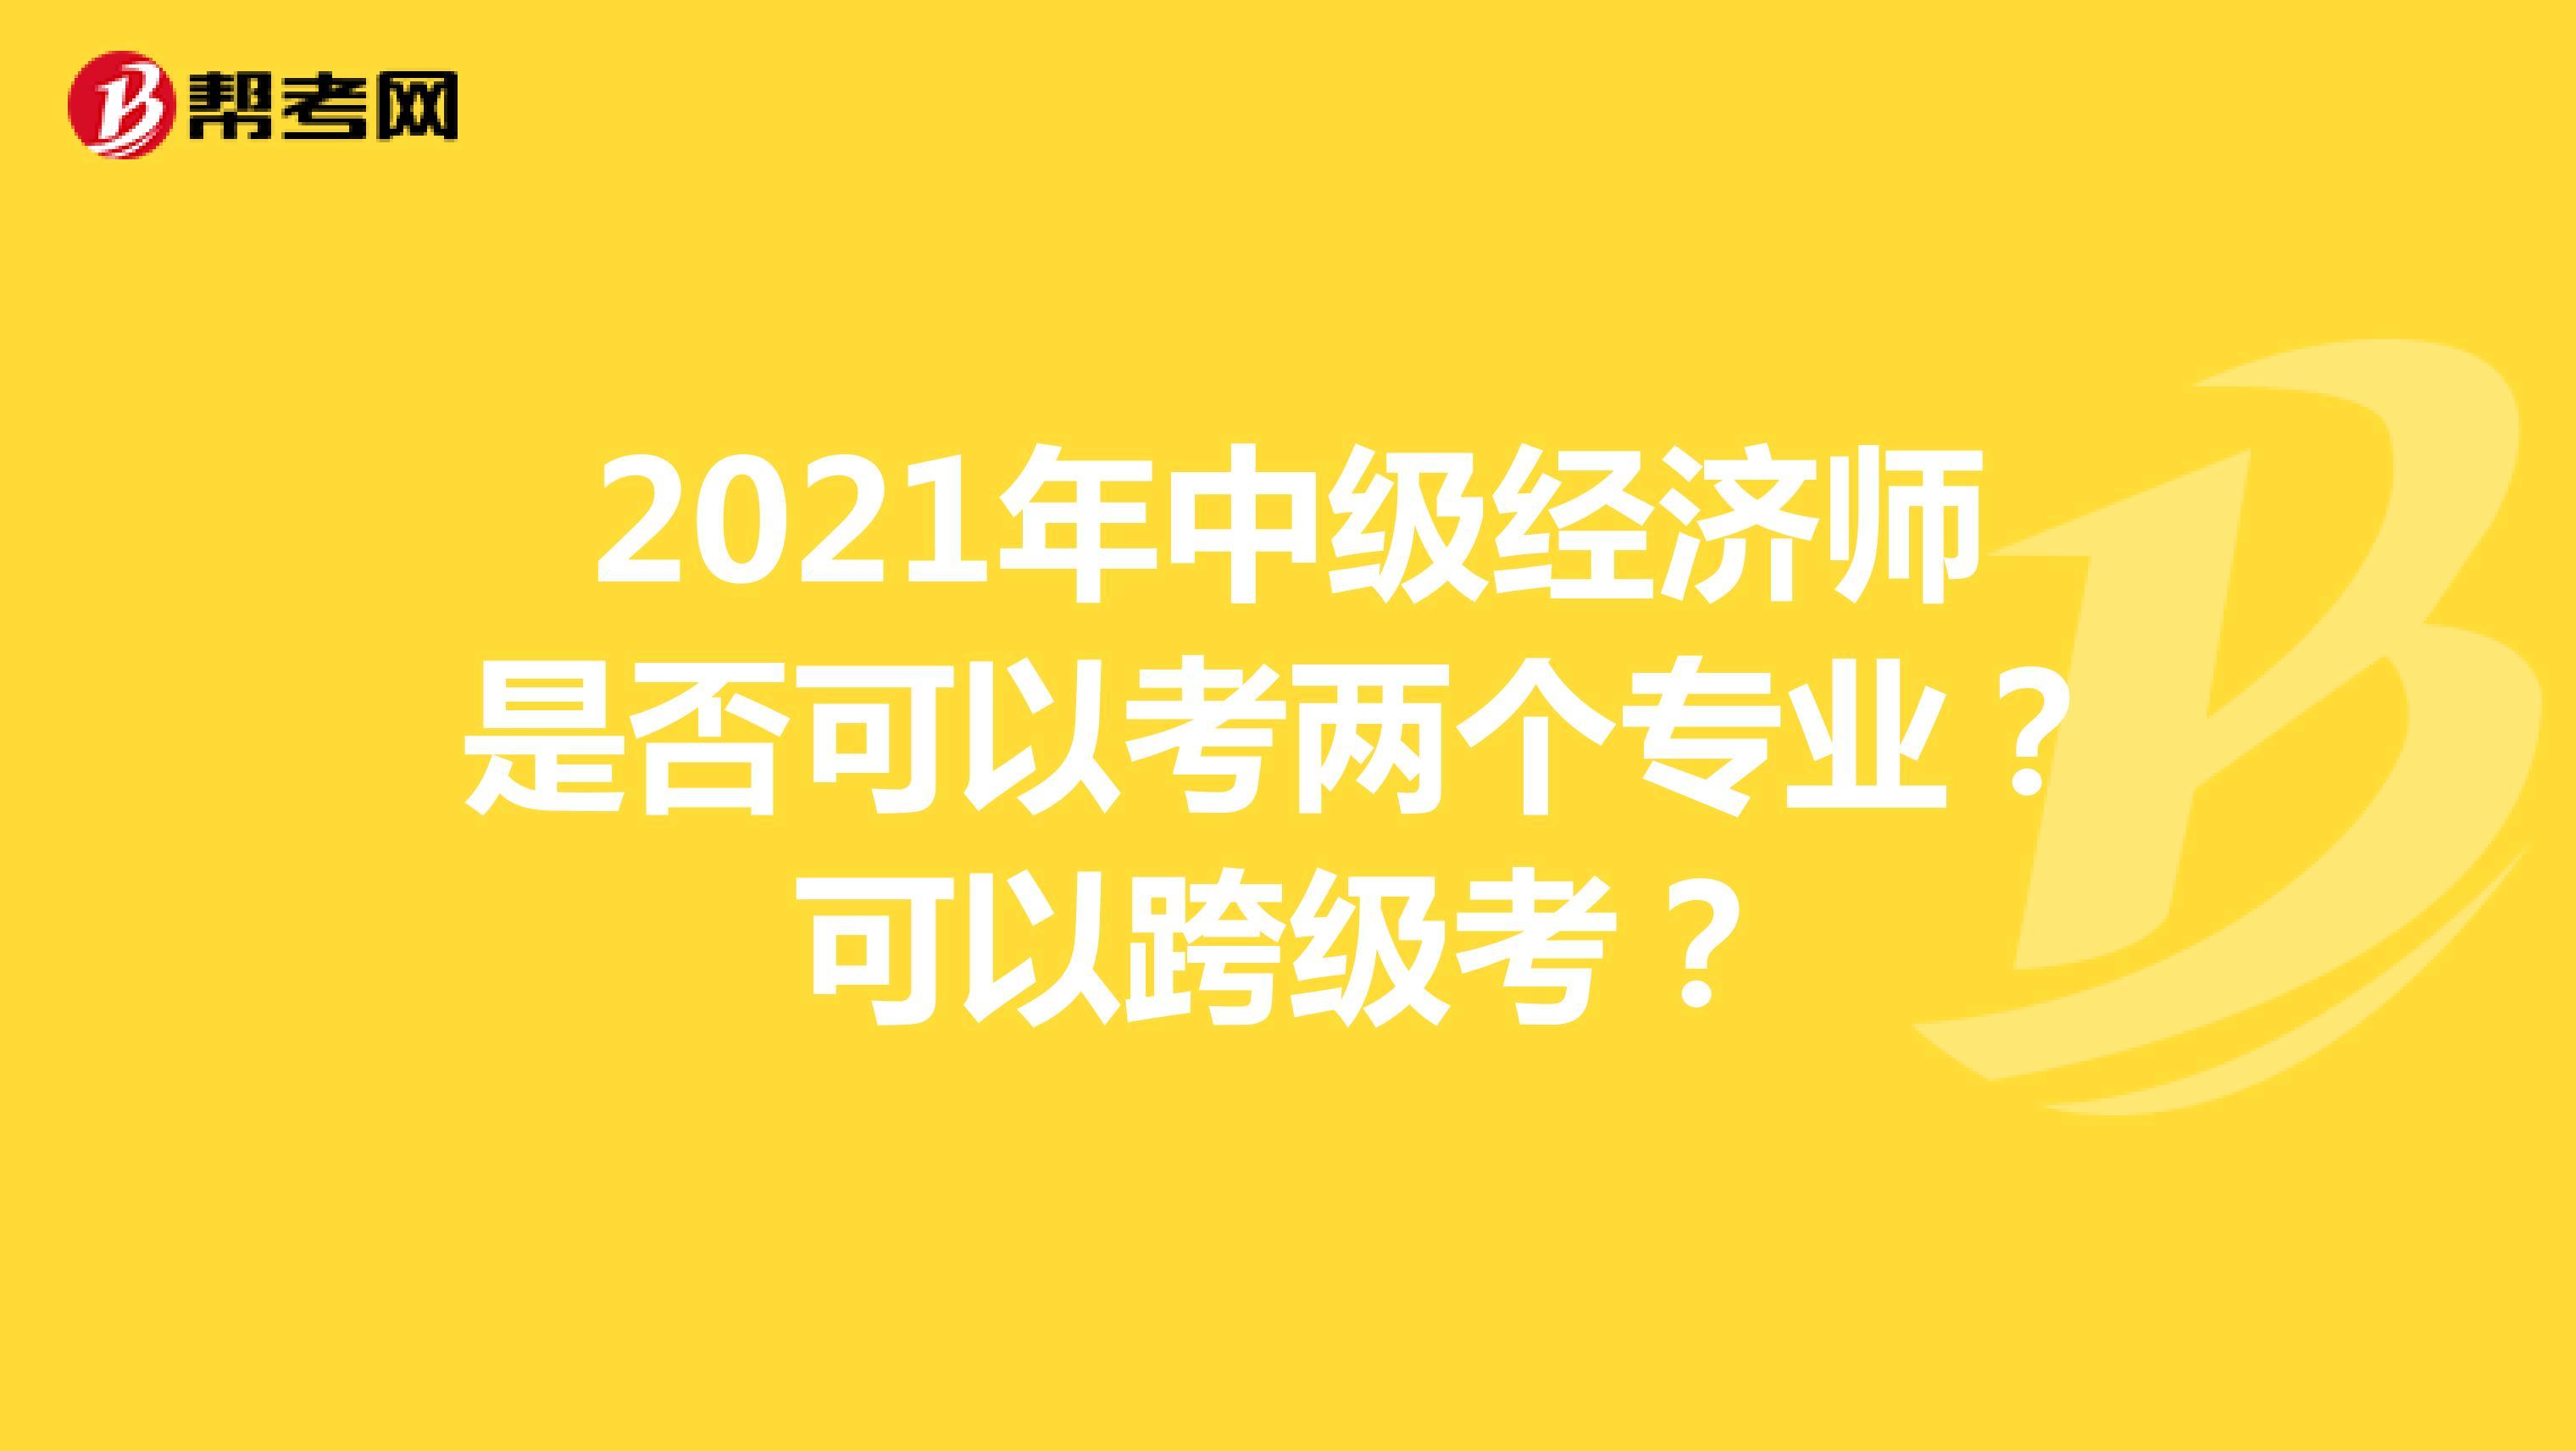 2021年中级经济师是否可以考两个专业?可以跨级考?